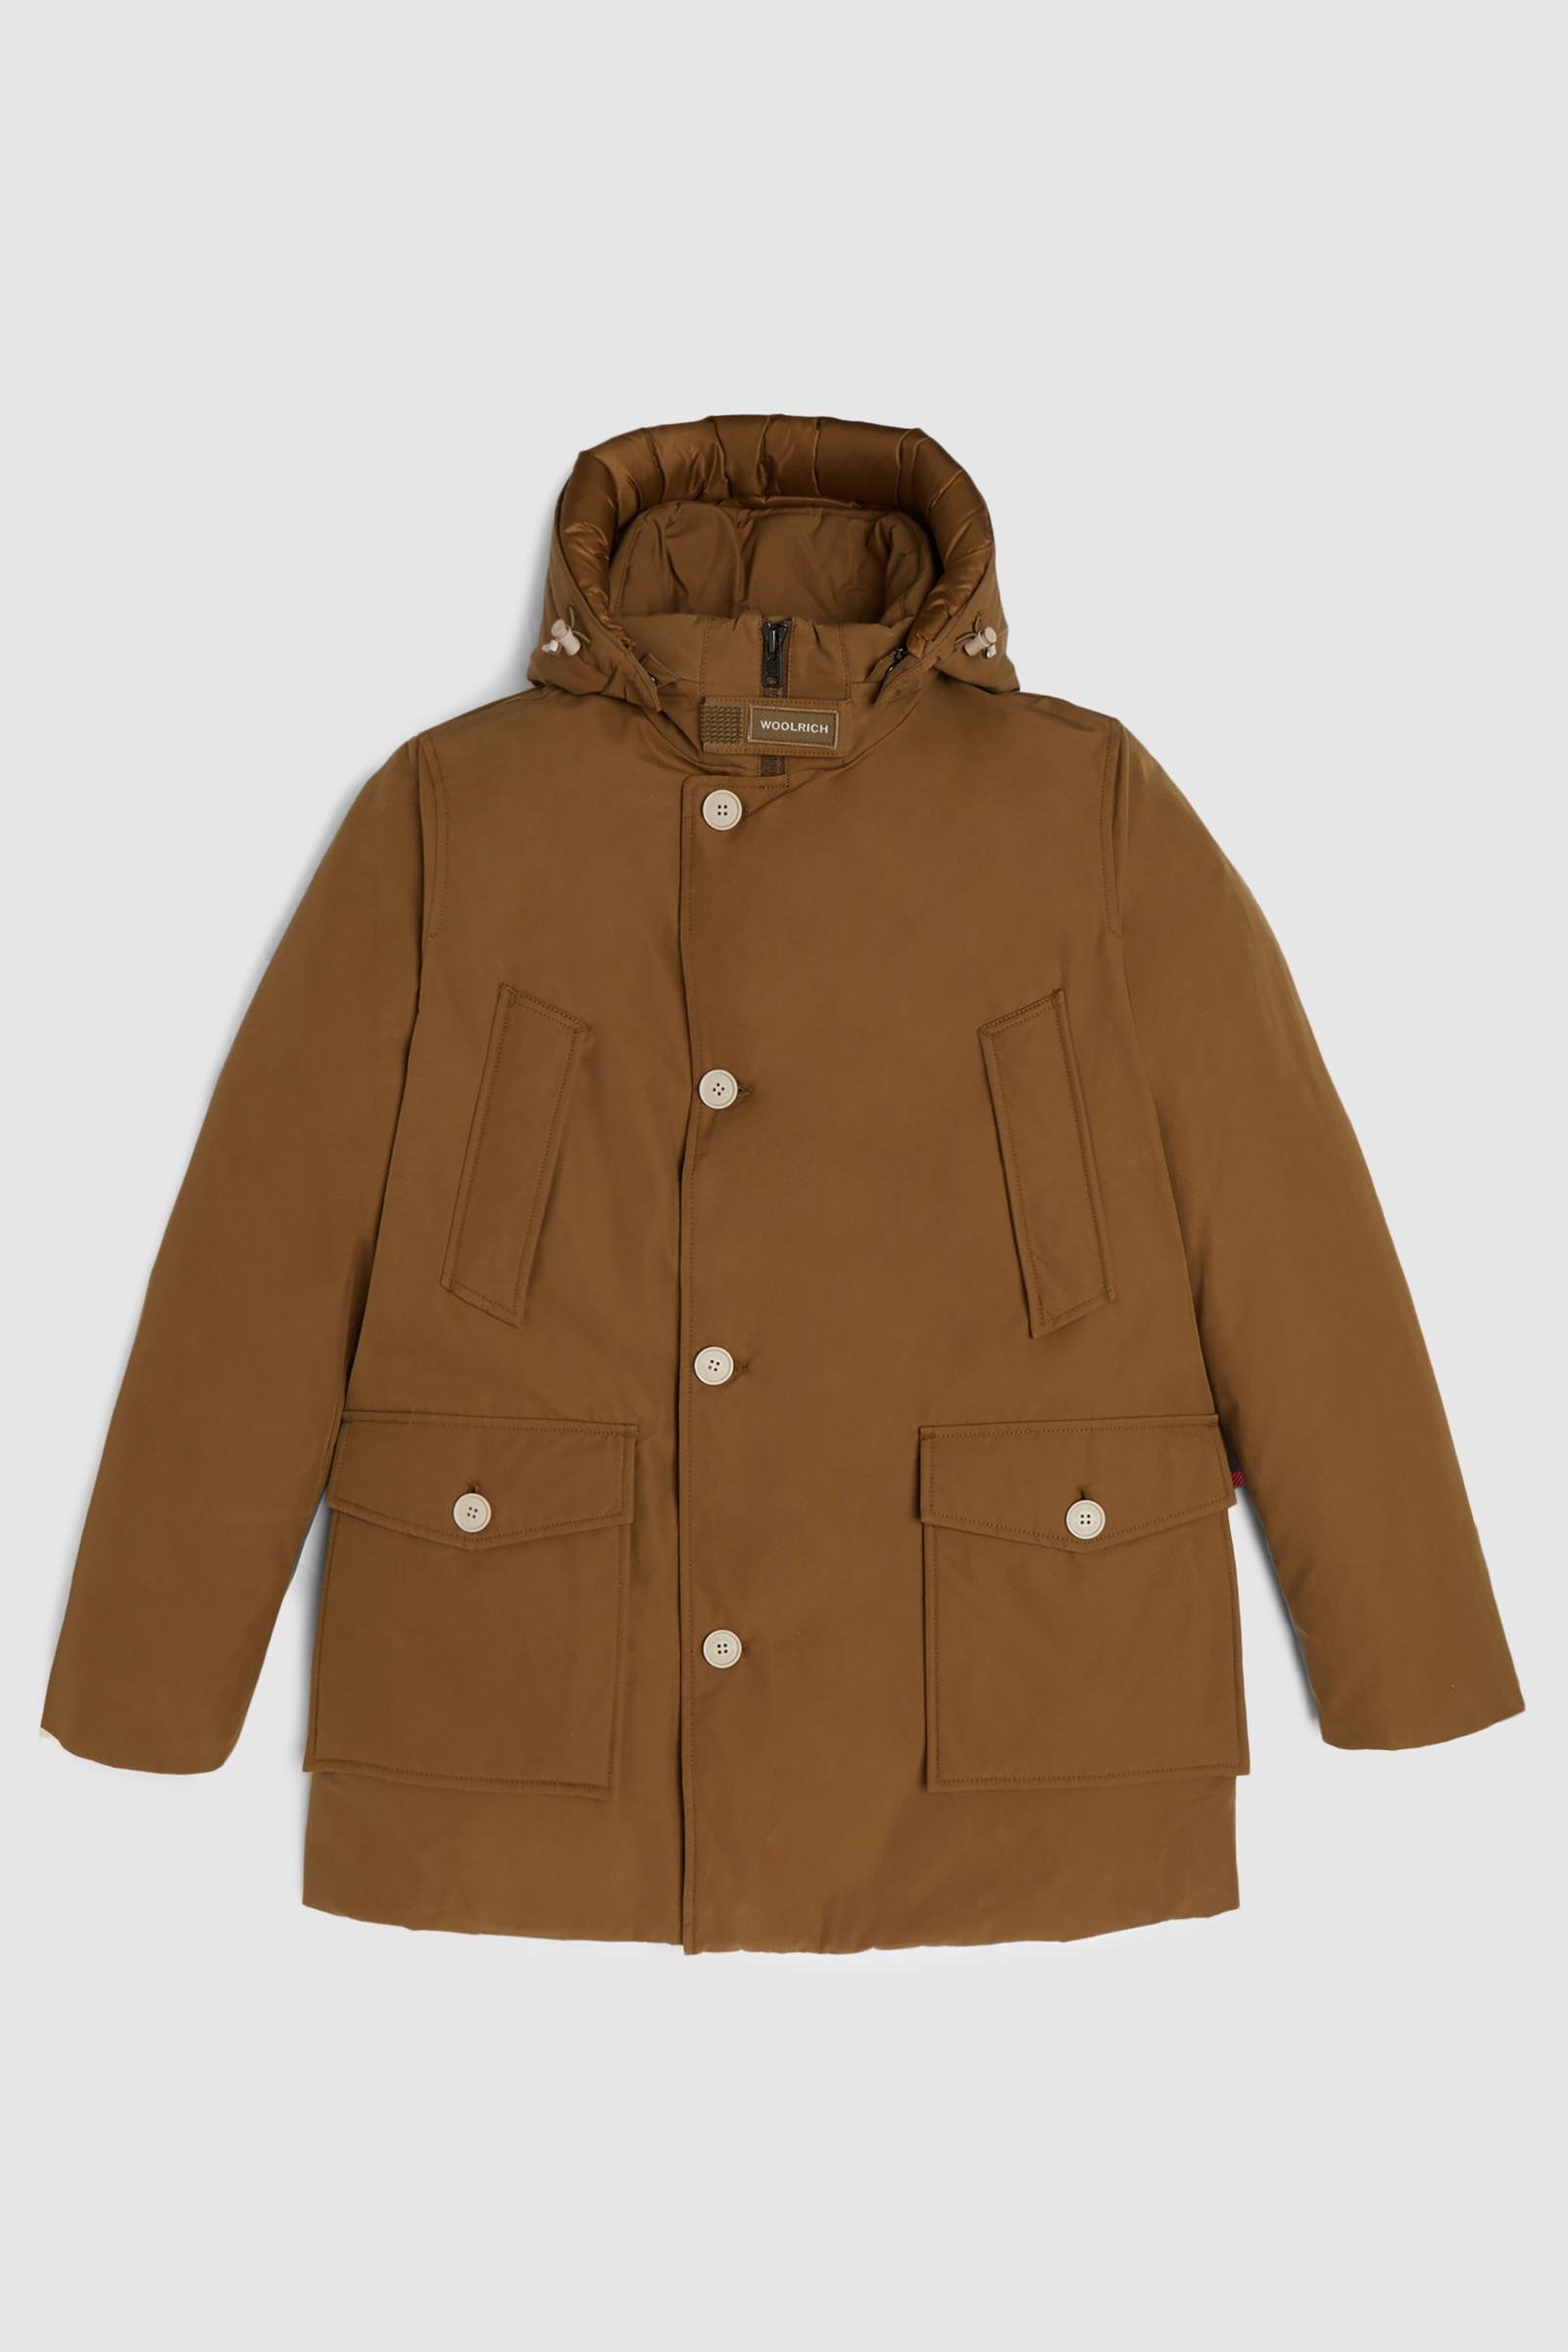 Eco-Friendly Byrd Cloth Arctic Parka